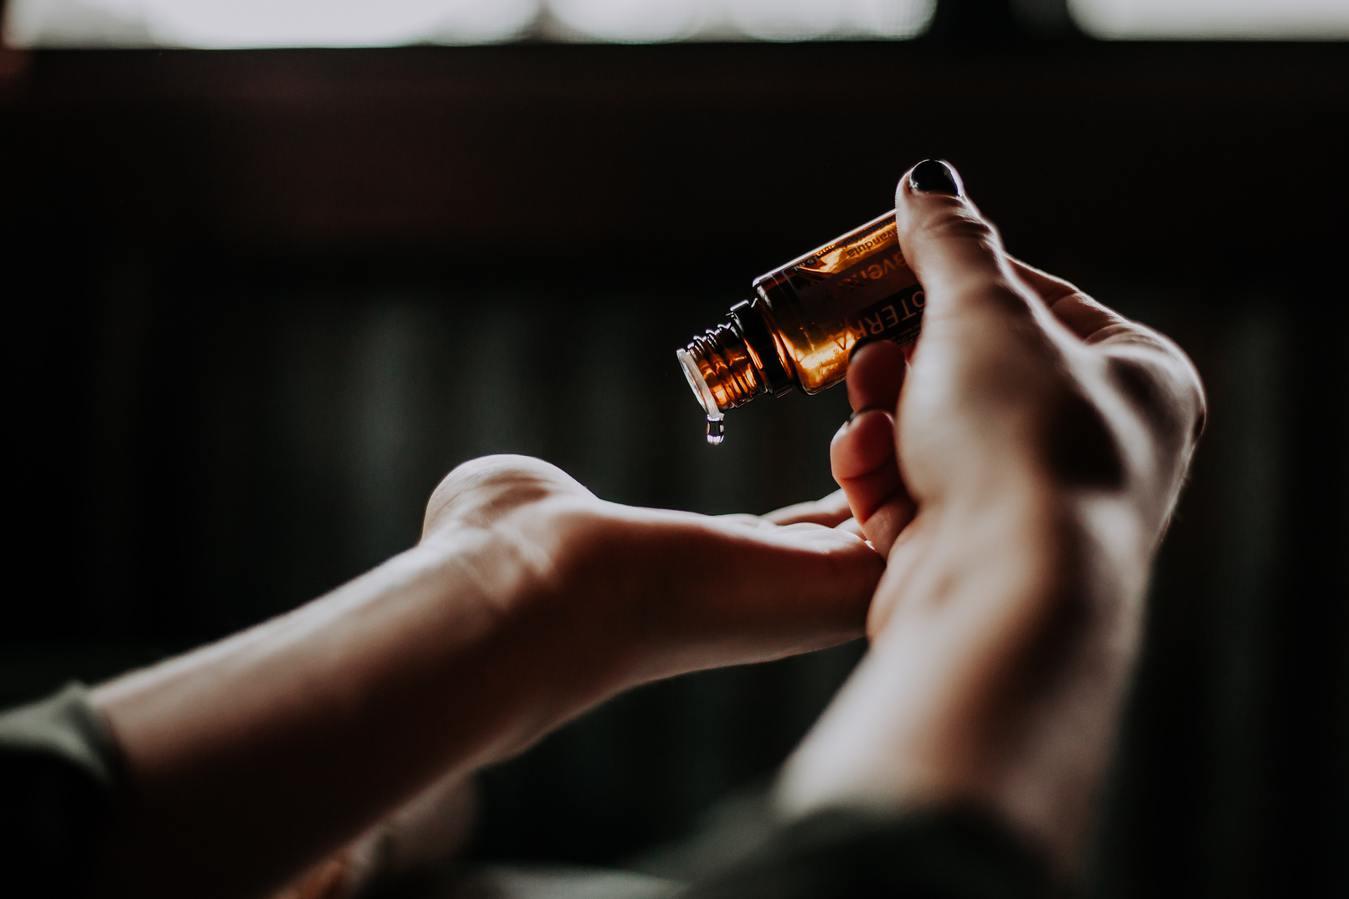 Flasche mit Lotion, die auf eine Hand gegossen wird